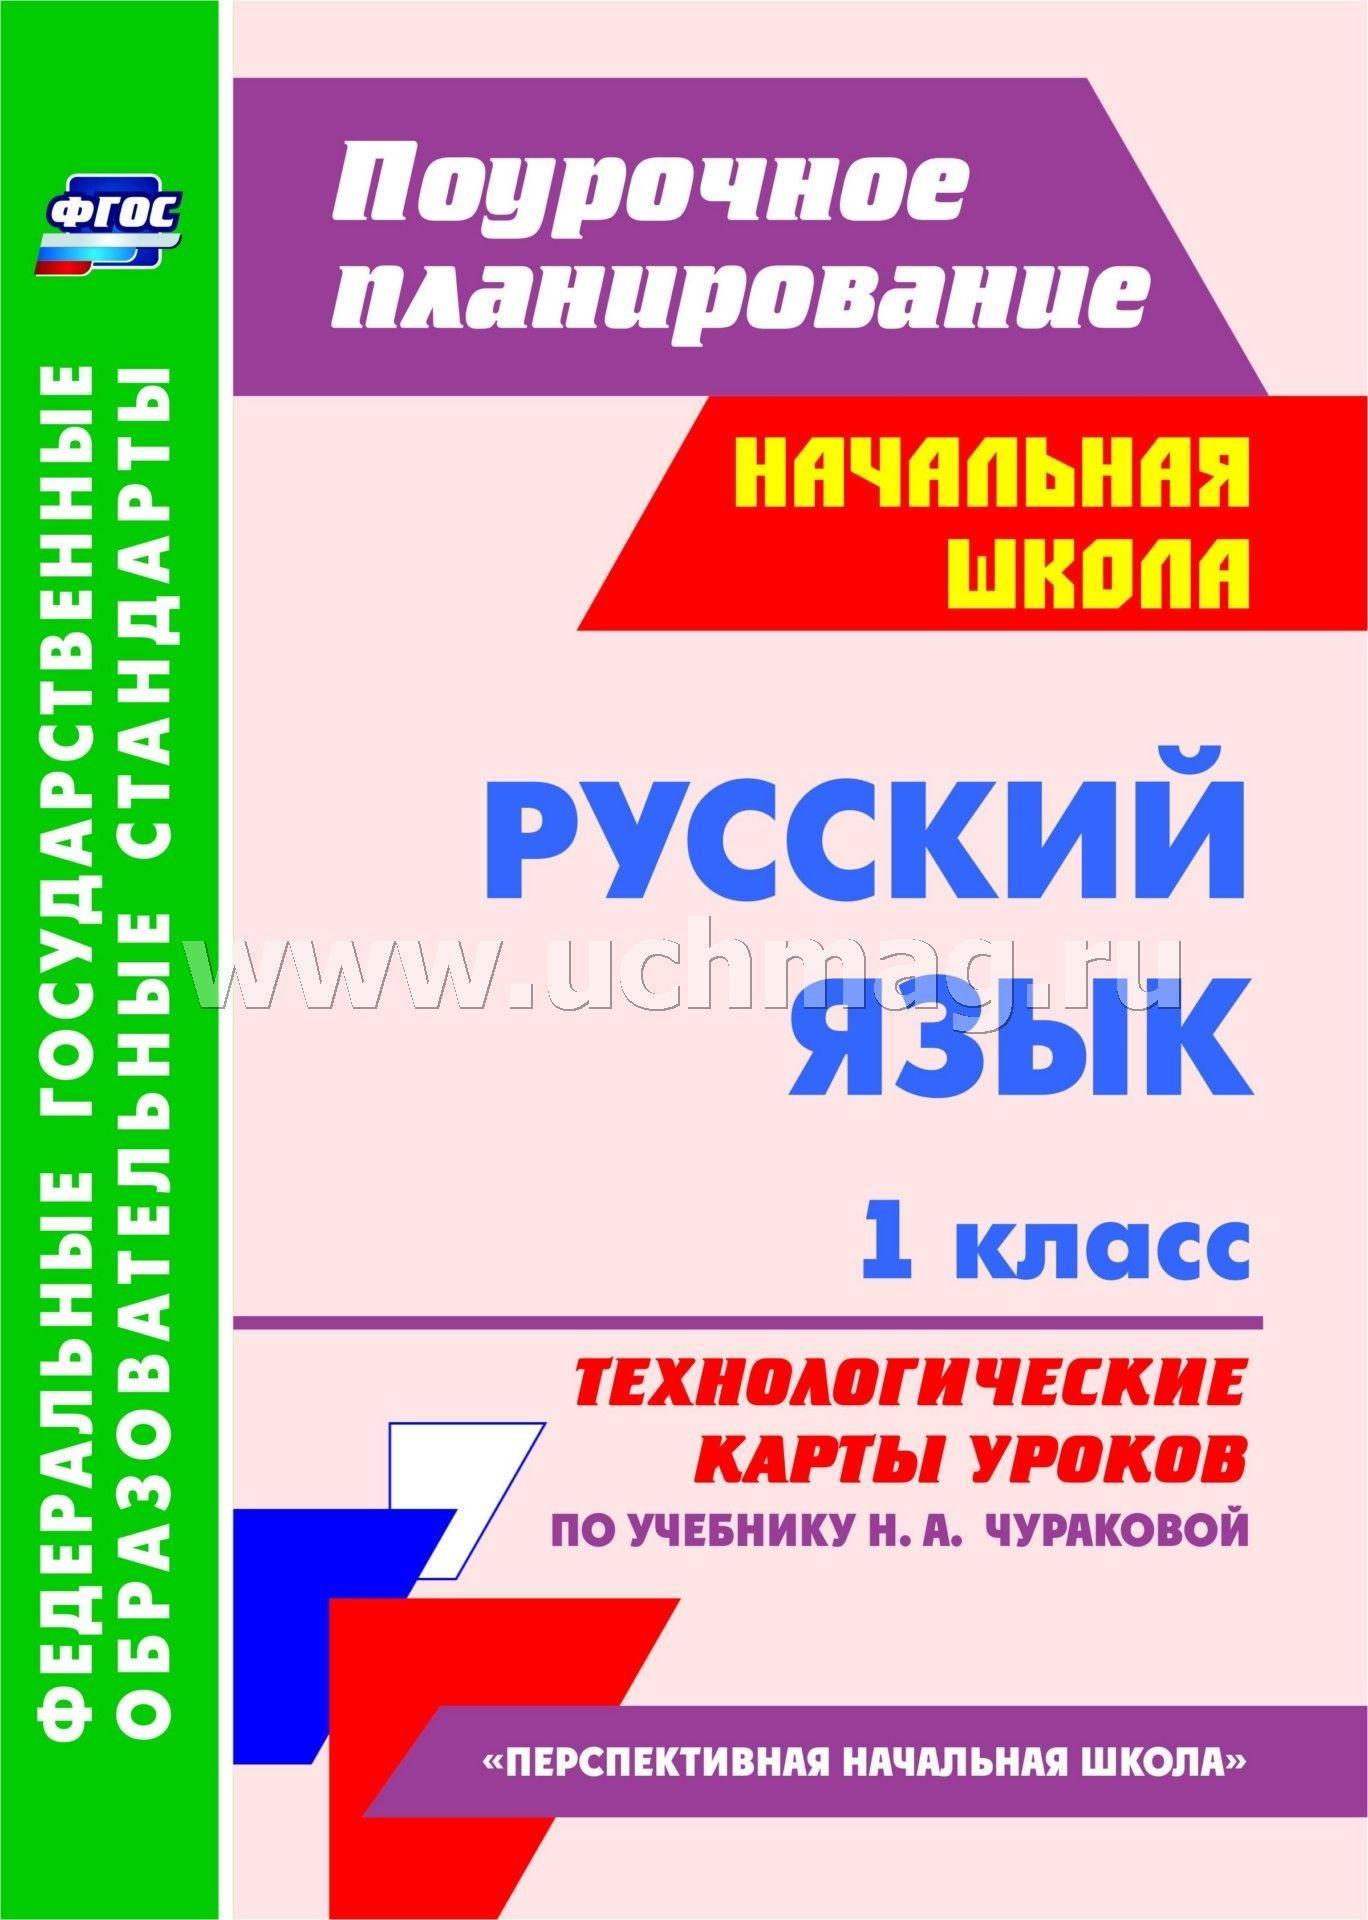 Русский язык 7 класс львов львова гдз скачать через торрент